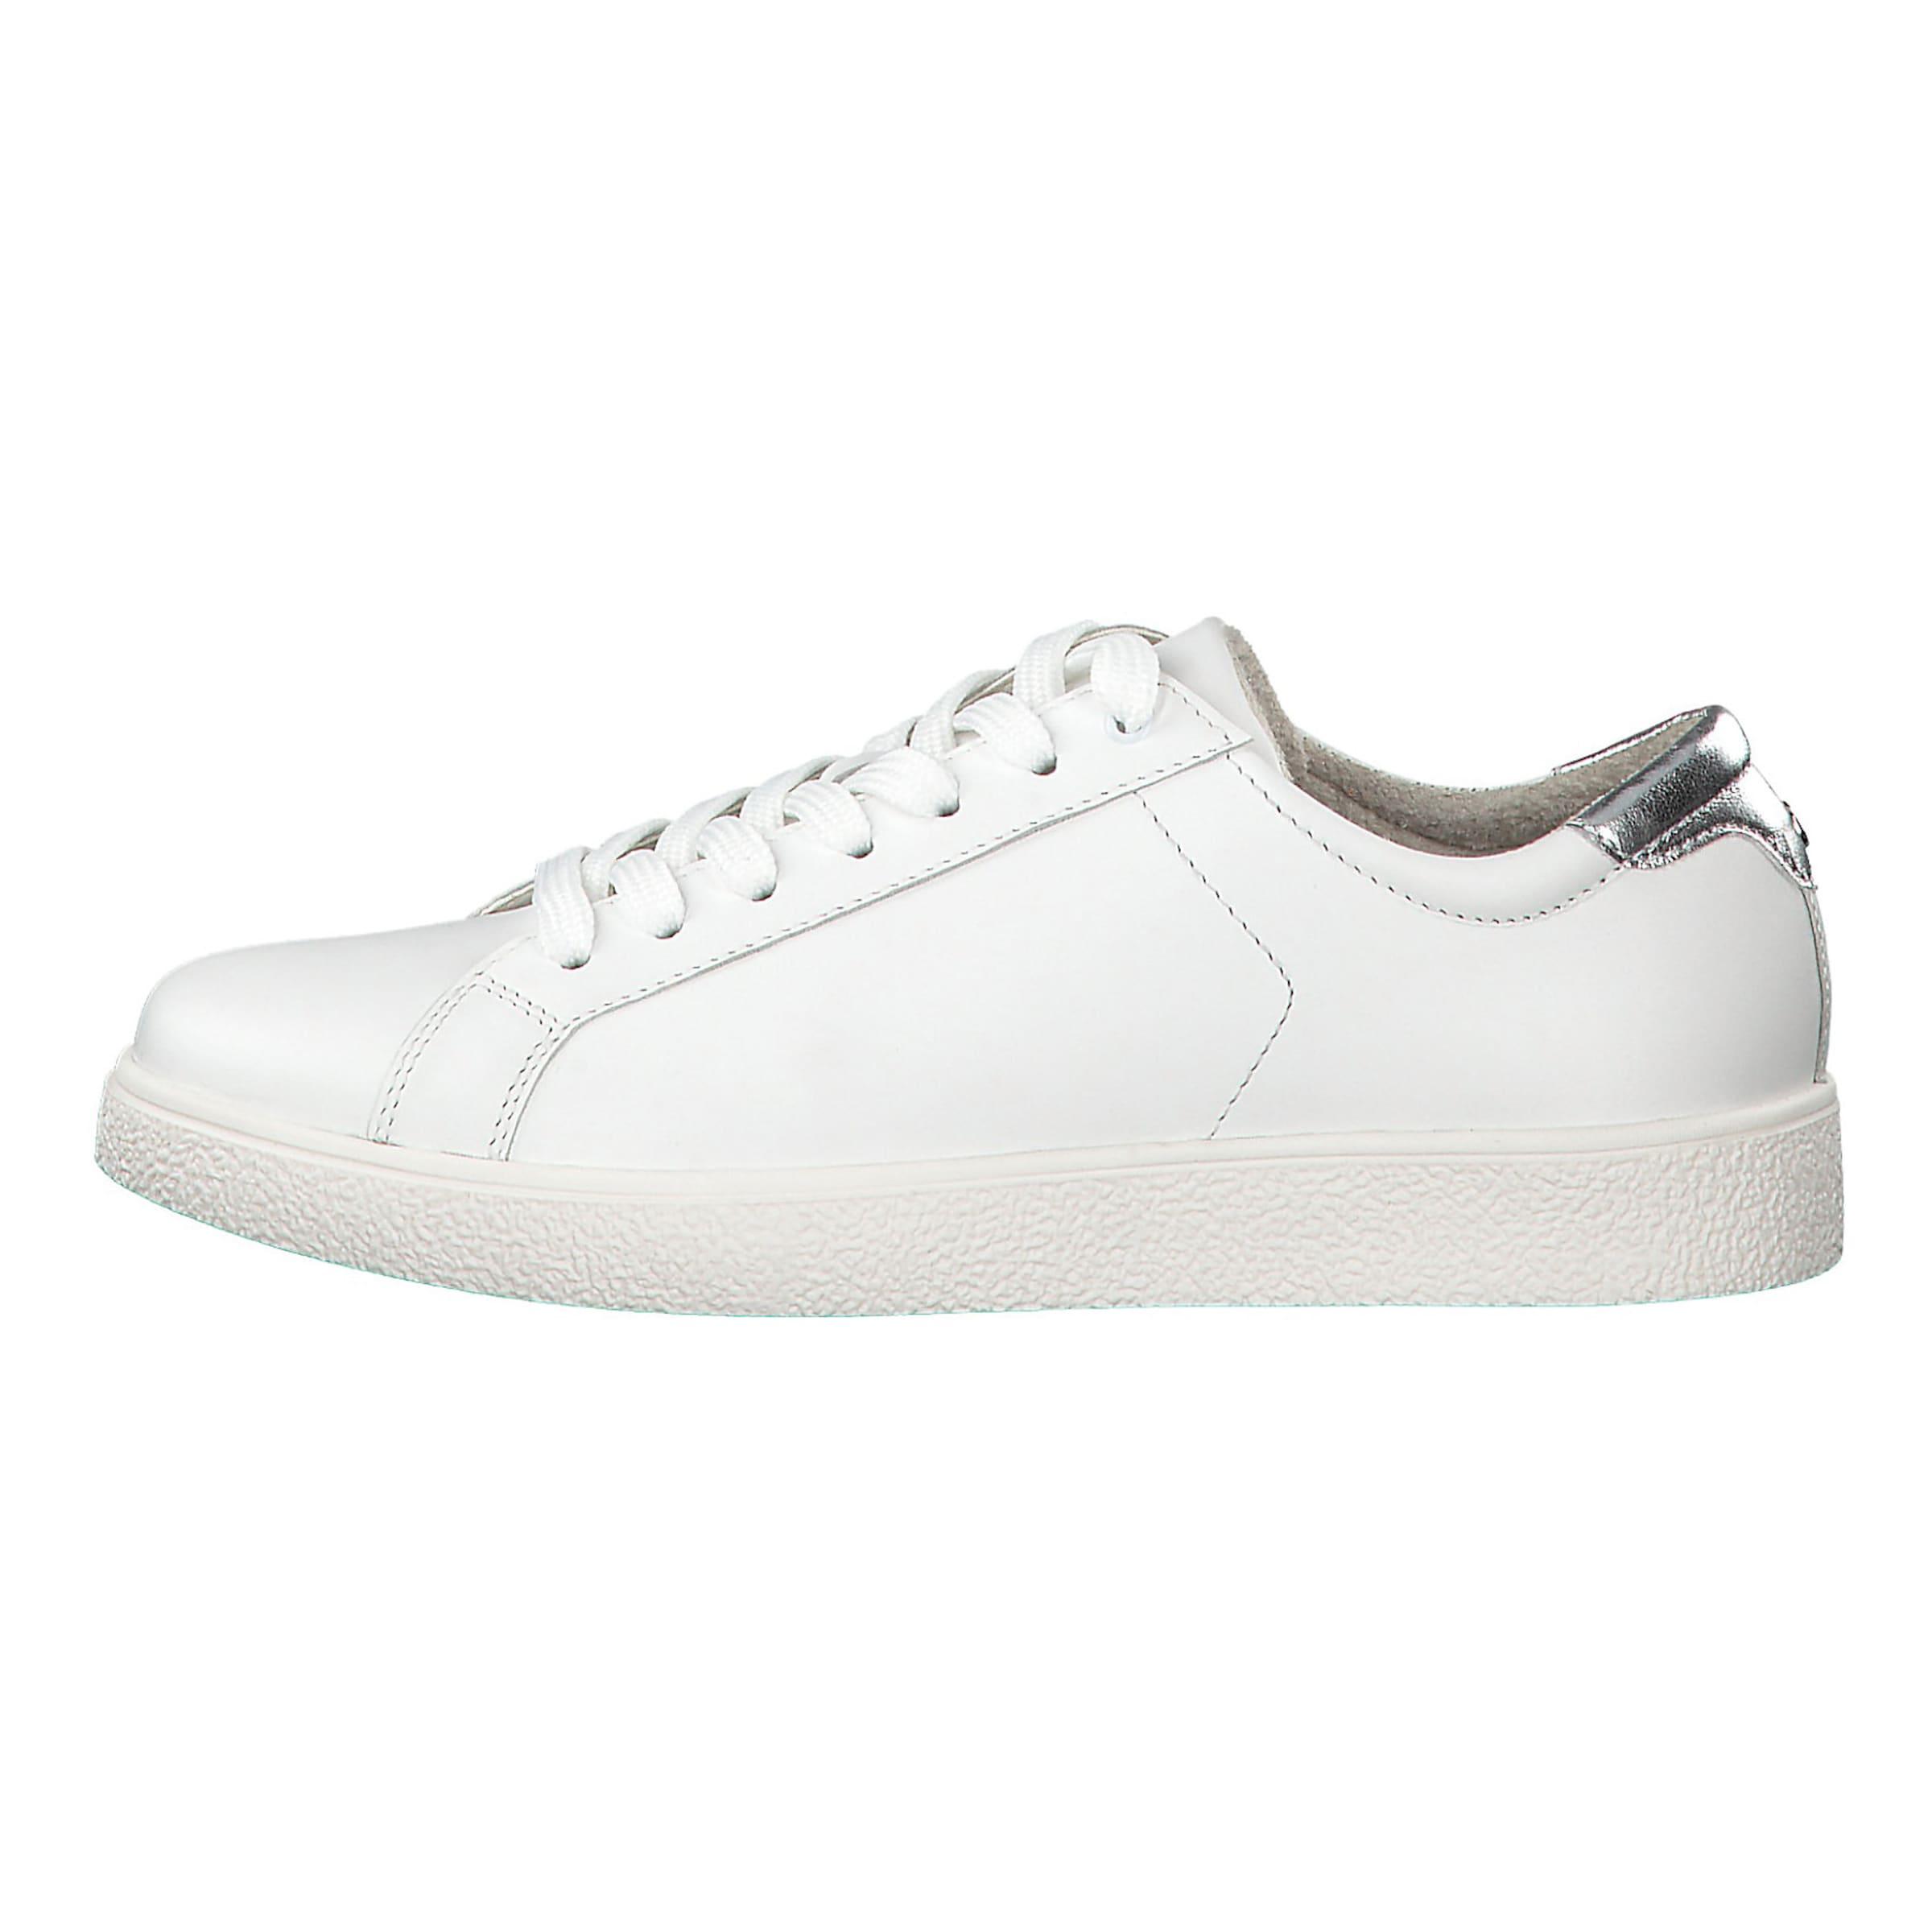 Sneakers SilberWeiß Tamaris In SilberWeiß In In Sneakers Tamaris Sneakers SilberWeiß Tamaris Sneakers In Tamaris E2DW9IYH